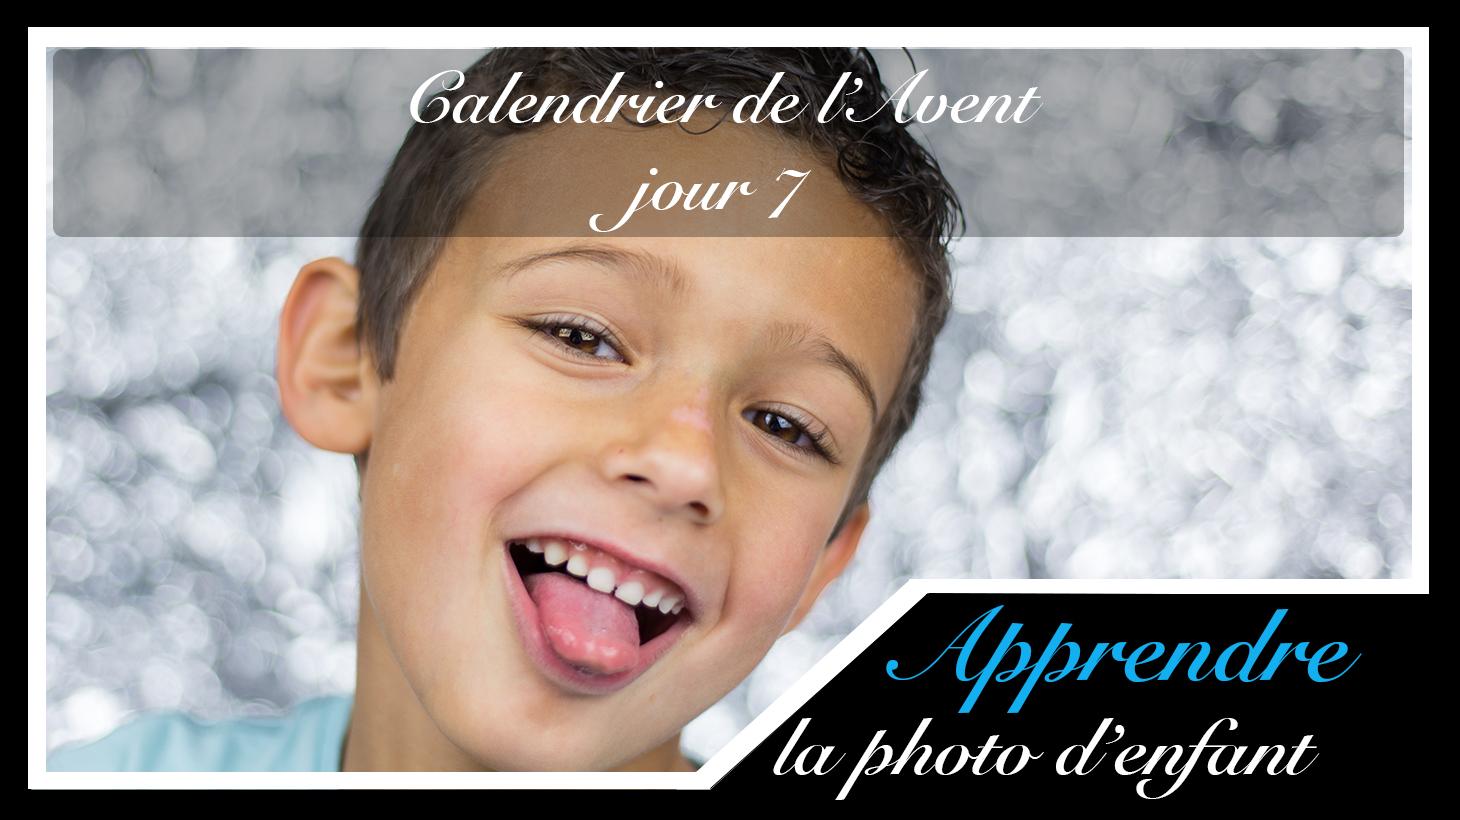 Jour 7 – Calendrier de l'Avent spécial Photo d'enfant